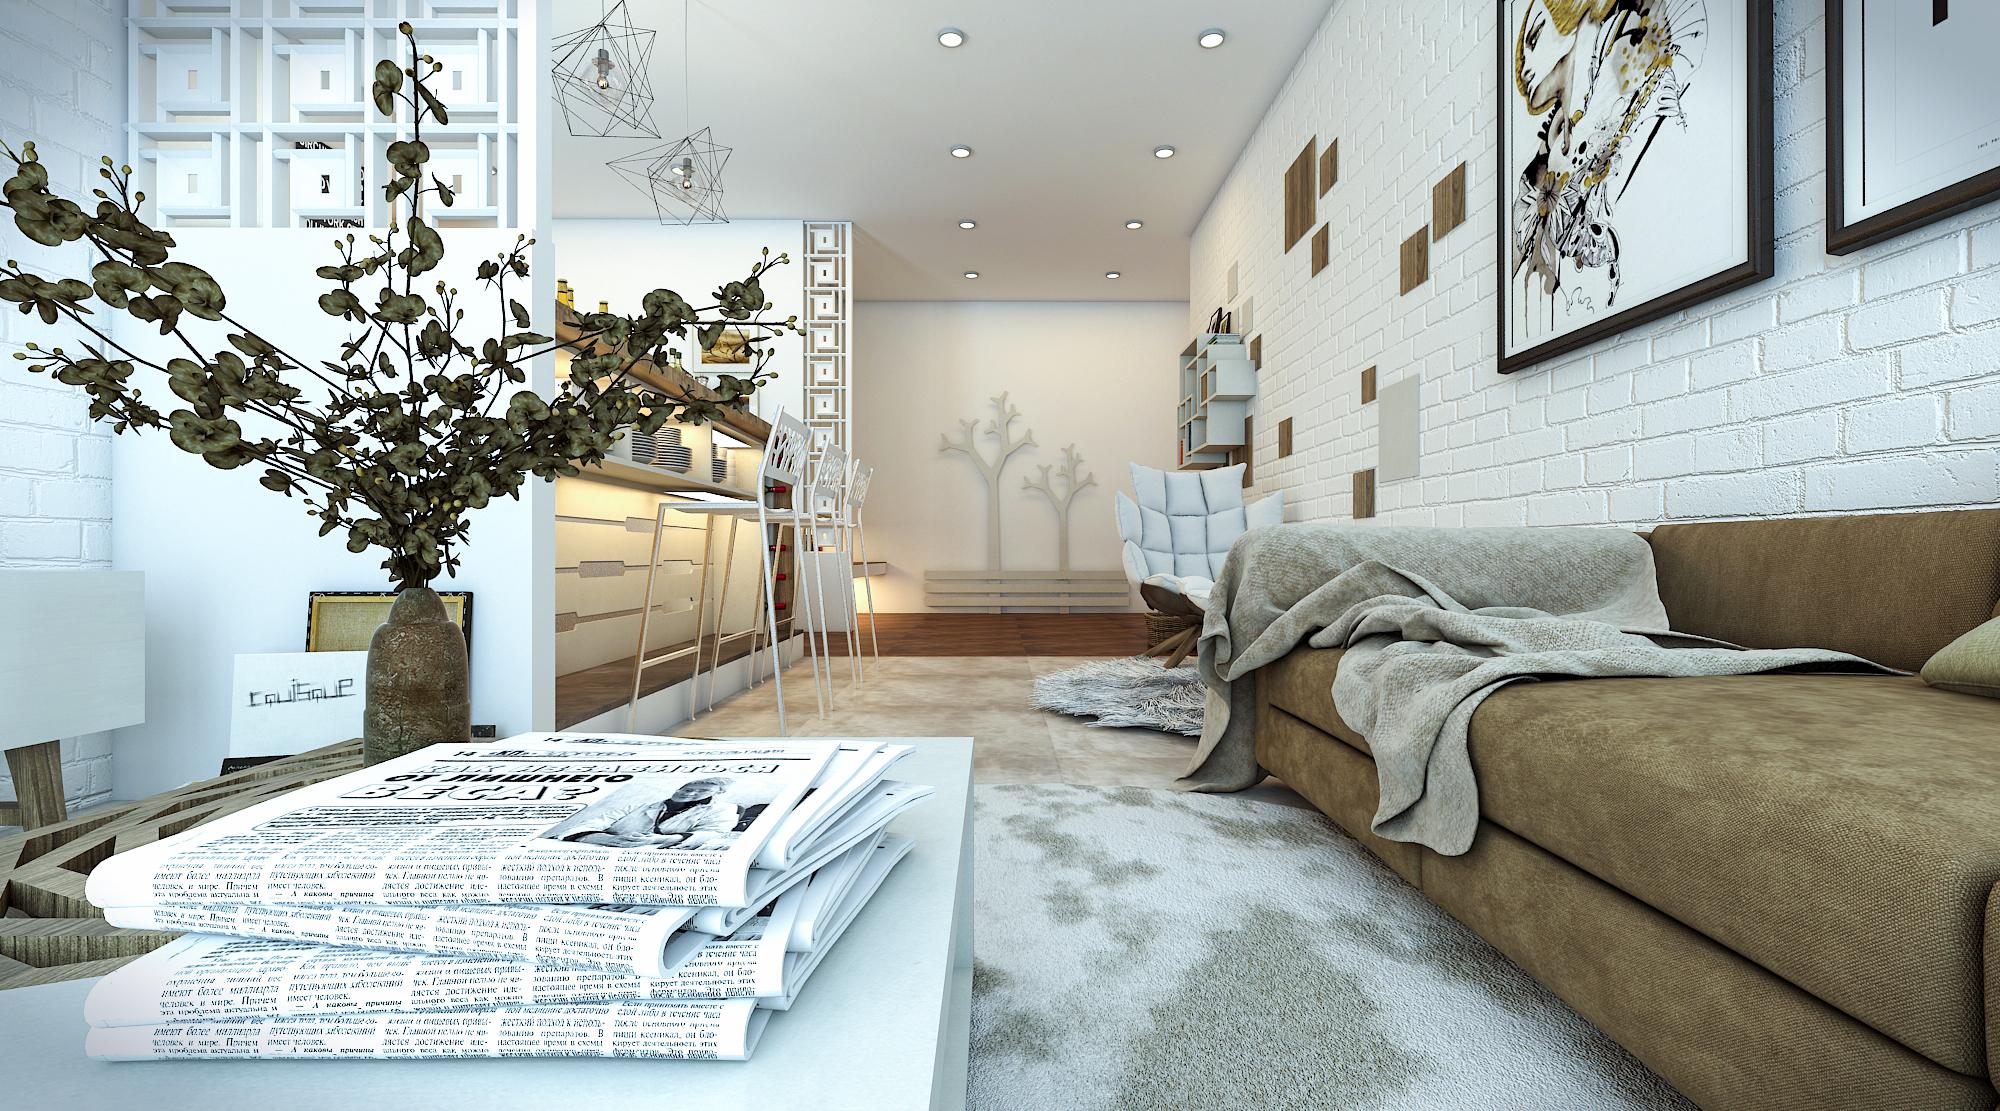 thiết kế nội thất chung cư tại Hồ Chí Minh Ms. Ly Apartment 7 1562574640